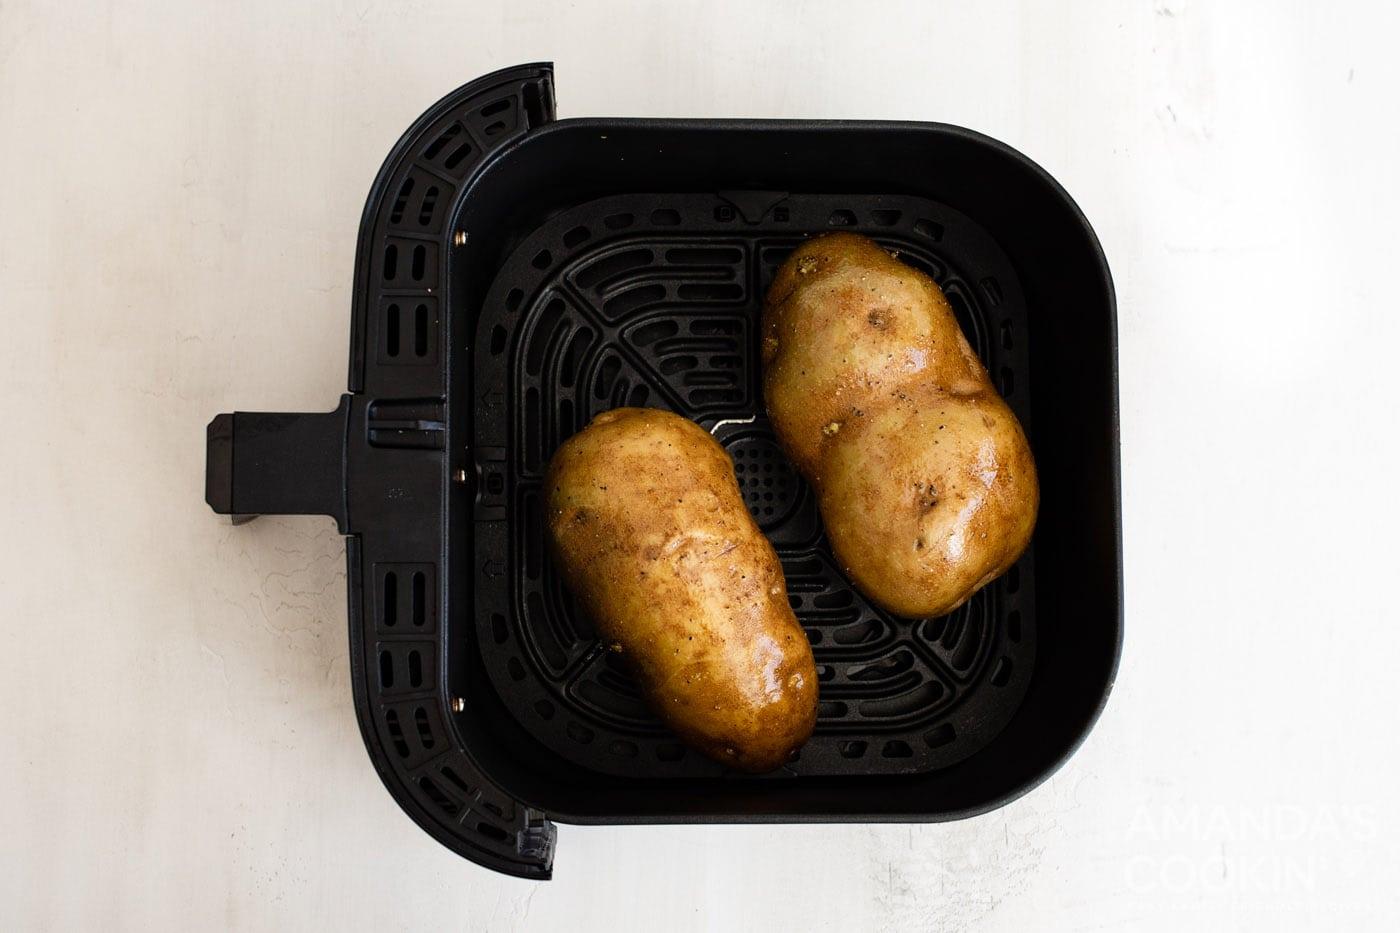 russet potatoes in an air fryer basket